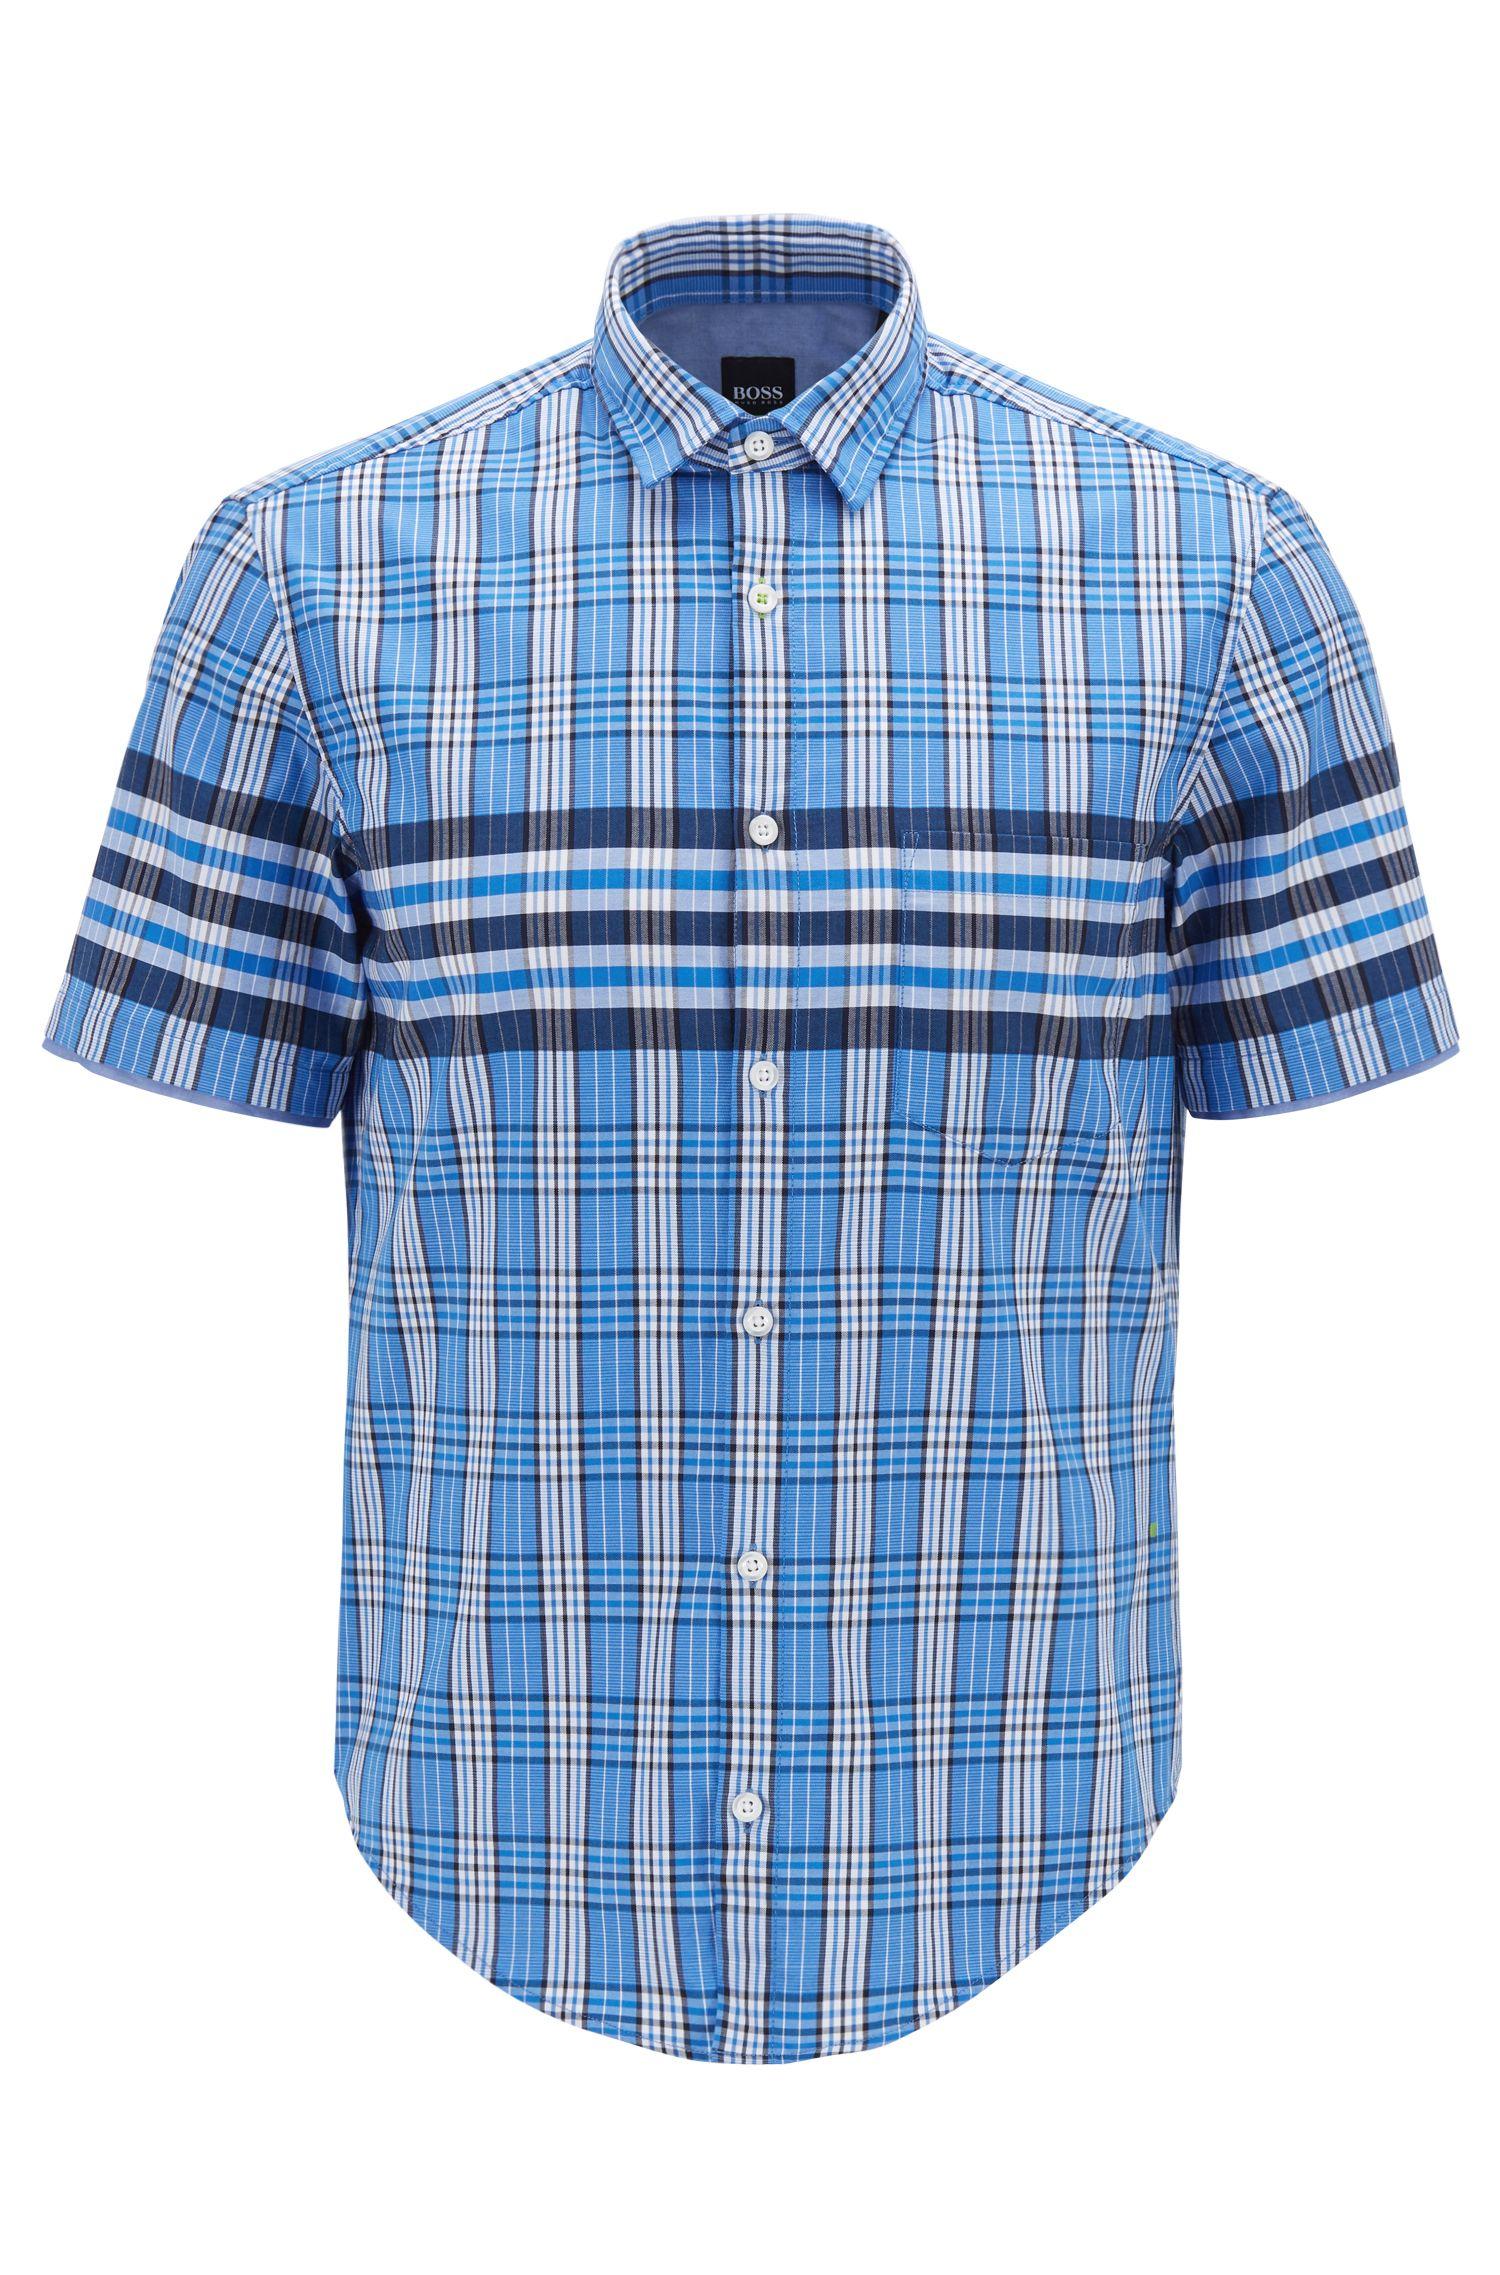 Regular-Fit Hemd aus strukturierter Baumwolle mit Glencheck-Karo, Gemustert